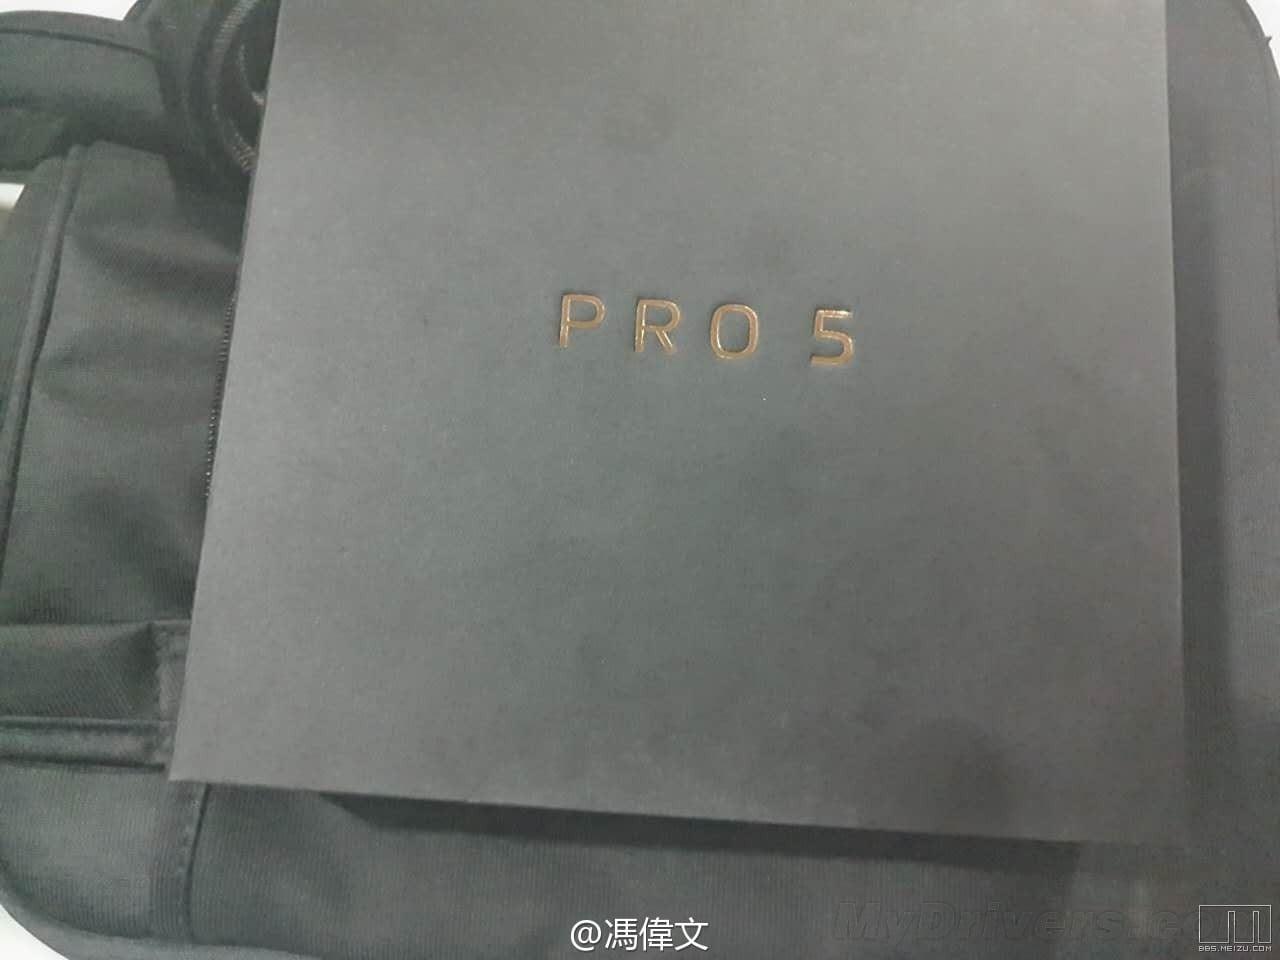 Meizu Pro 5 scatola leaked - 4